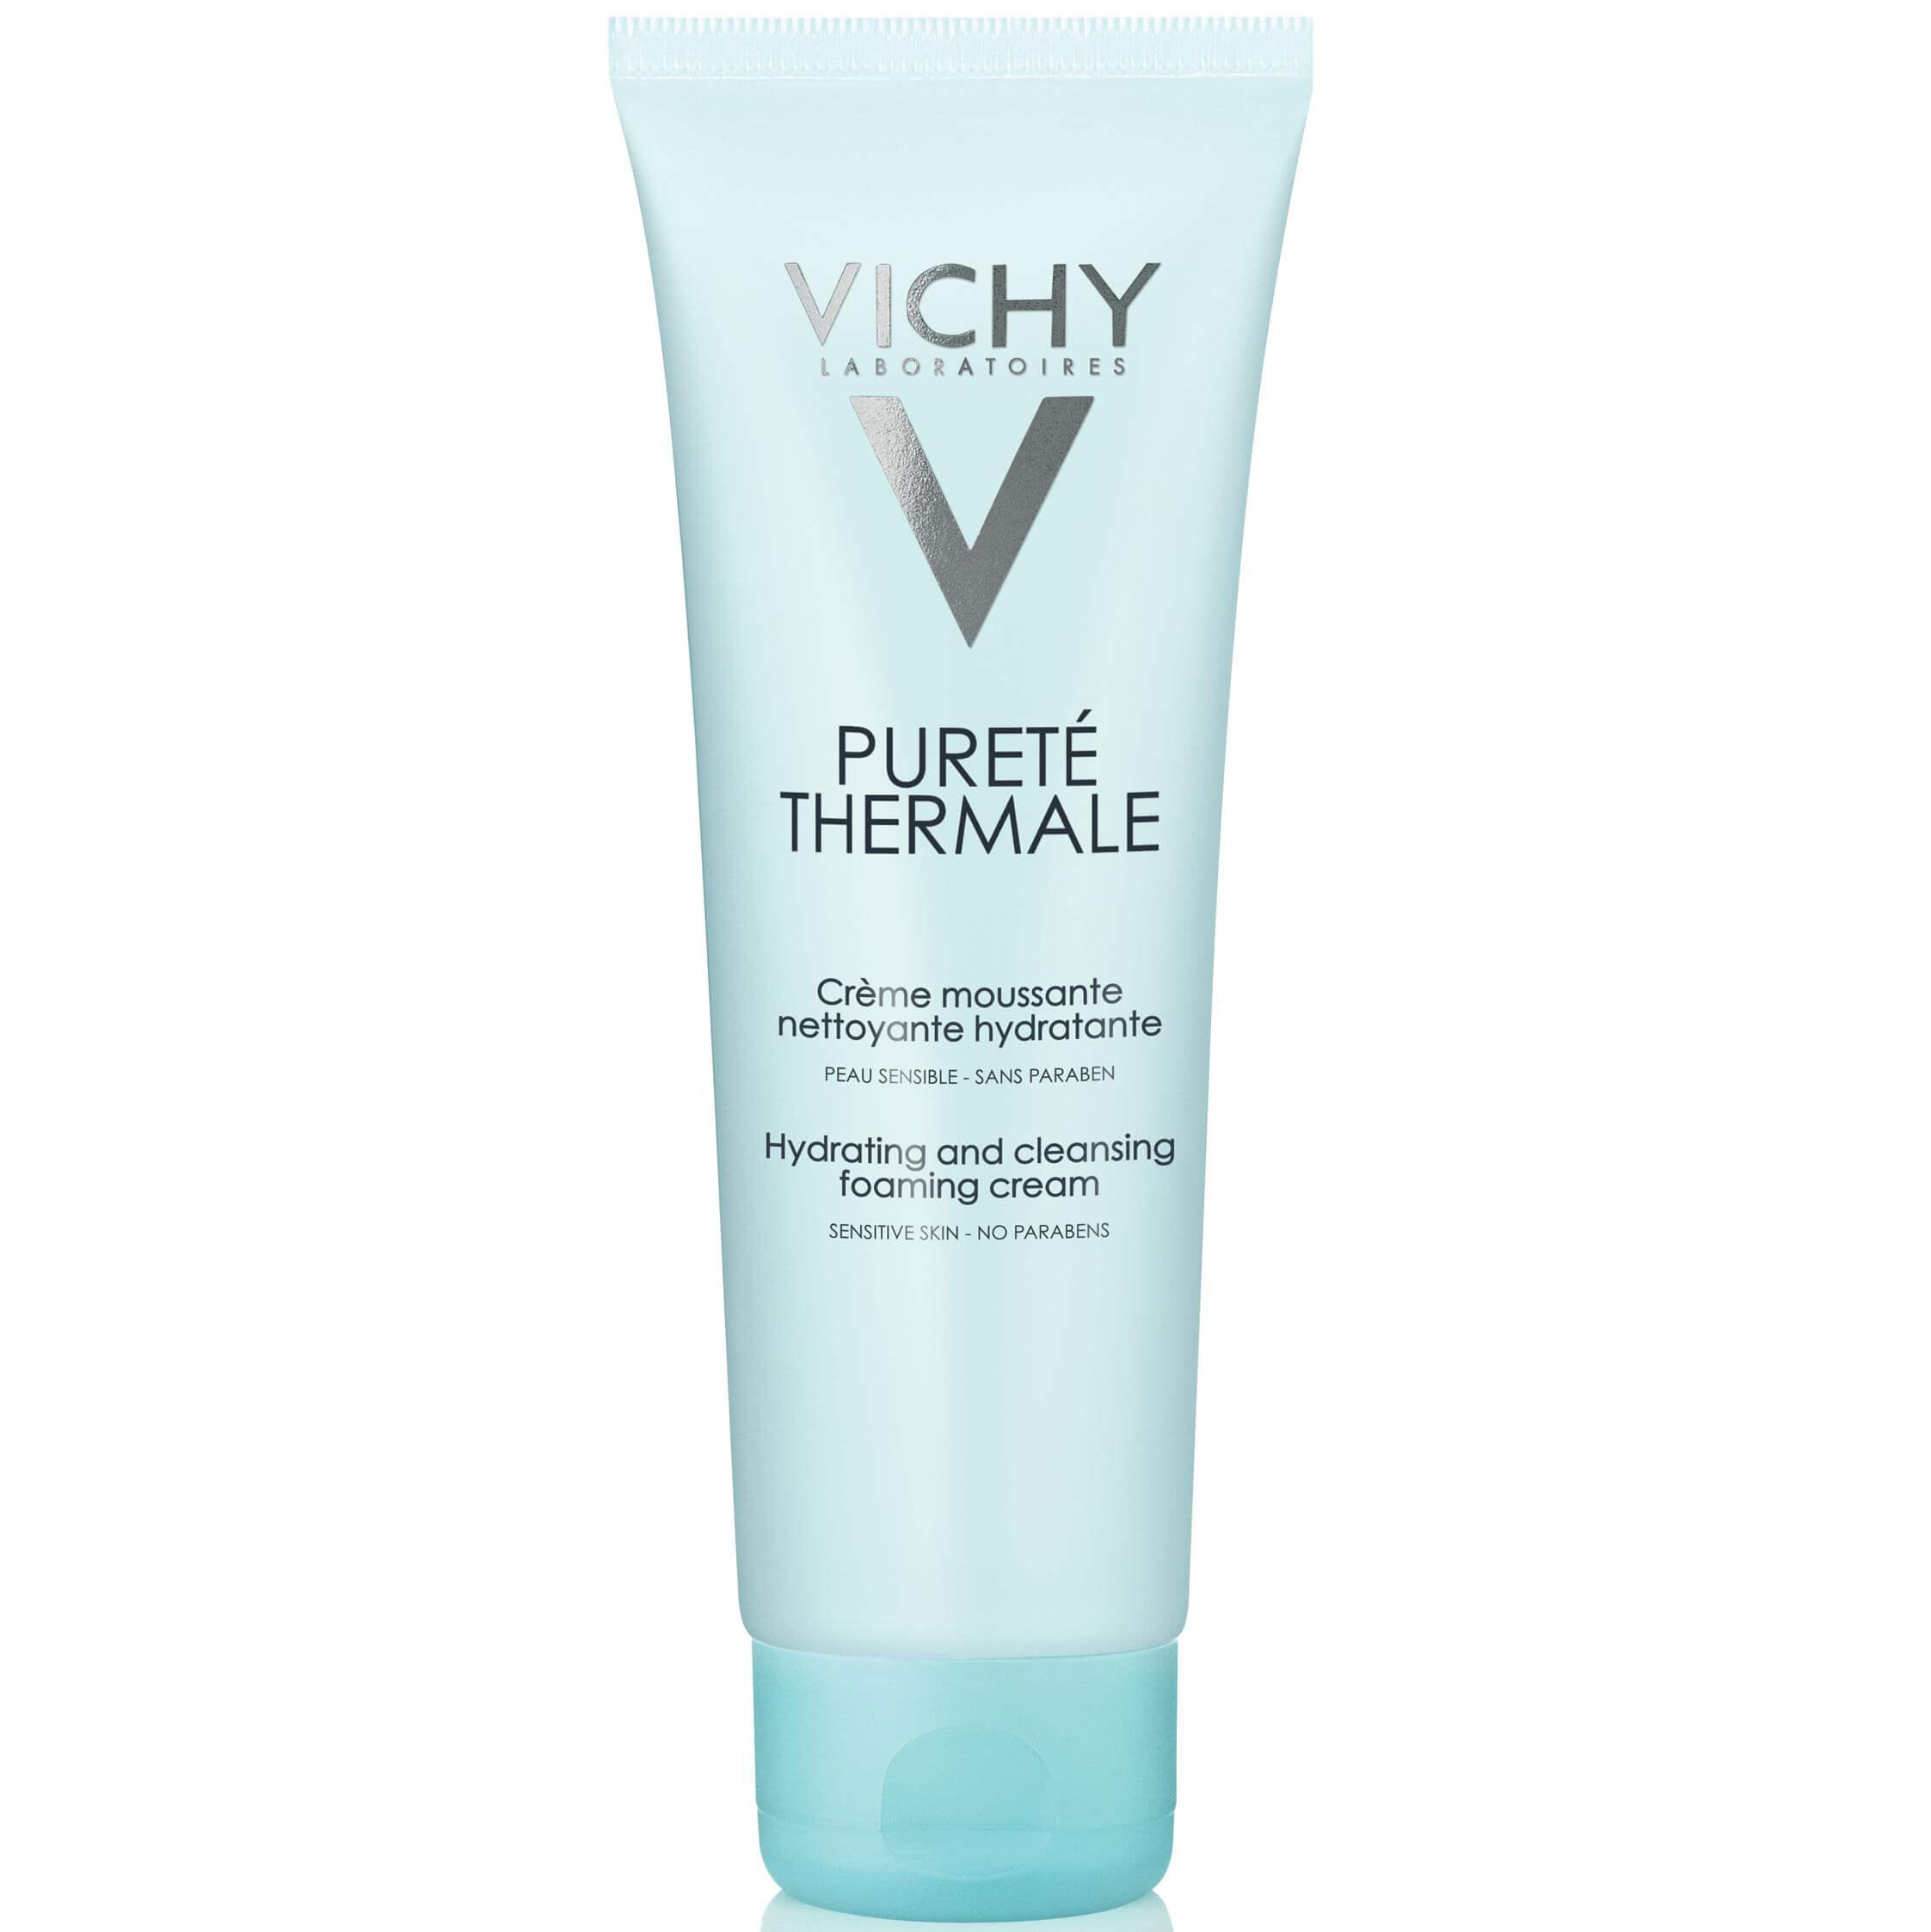 Vichy Purete Thermale Creme Moussante Douceur Αφρώδες Κρέμα Καθαρισμού 125ml